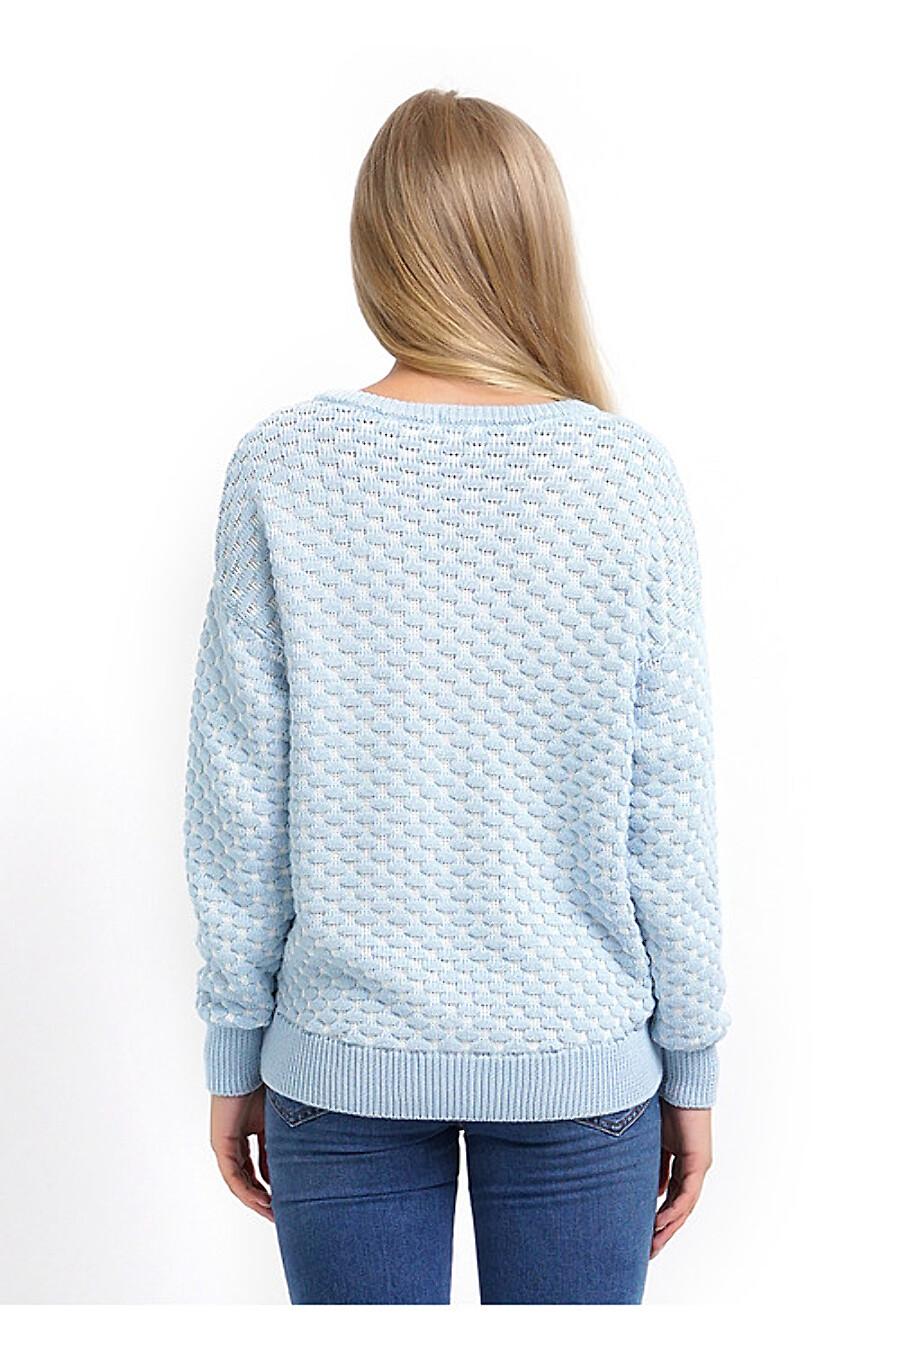 Джемпер для женщин CLEVER 155163 купить оптом от производителя. Совместная покупка женской одежды в OptMoyo